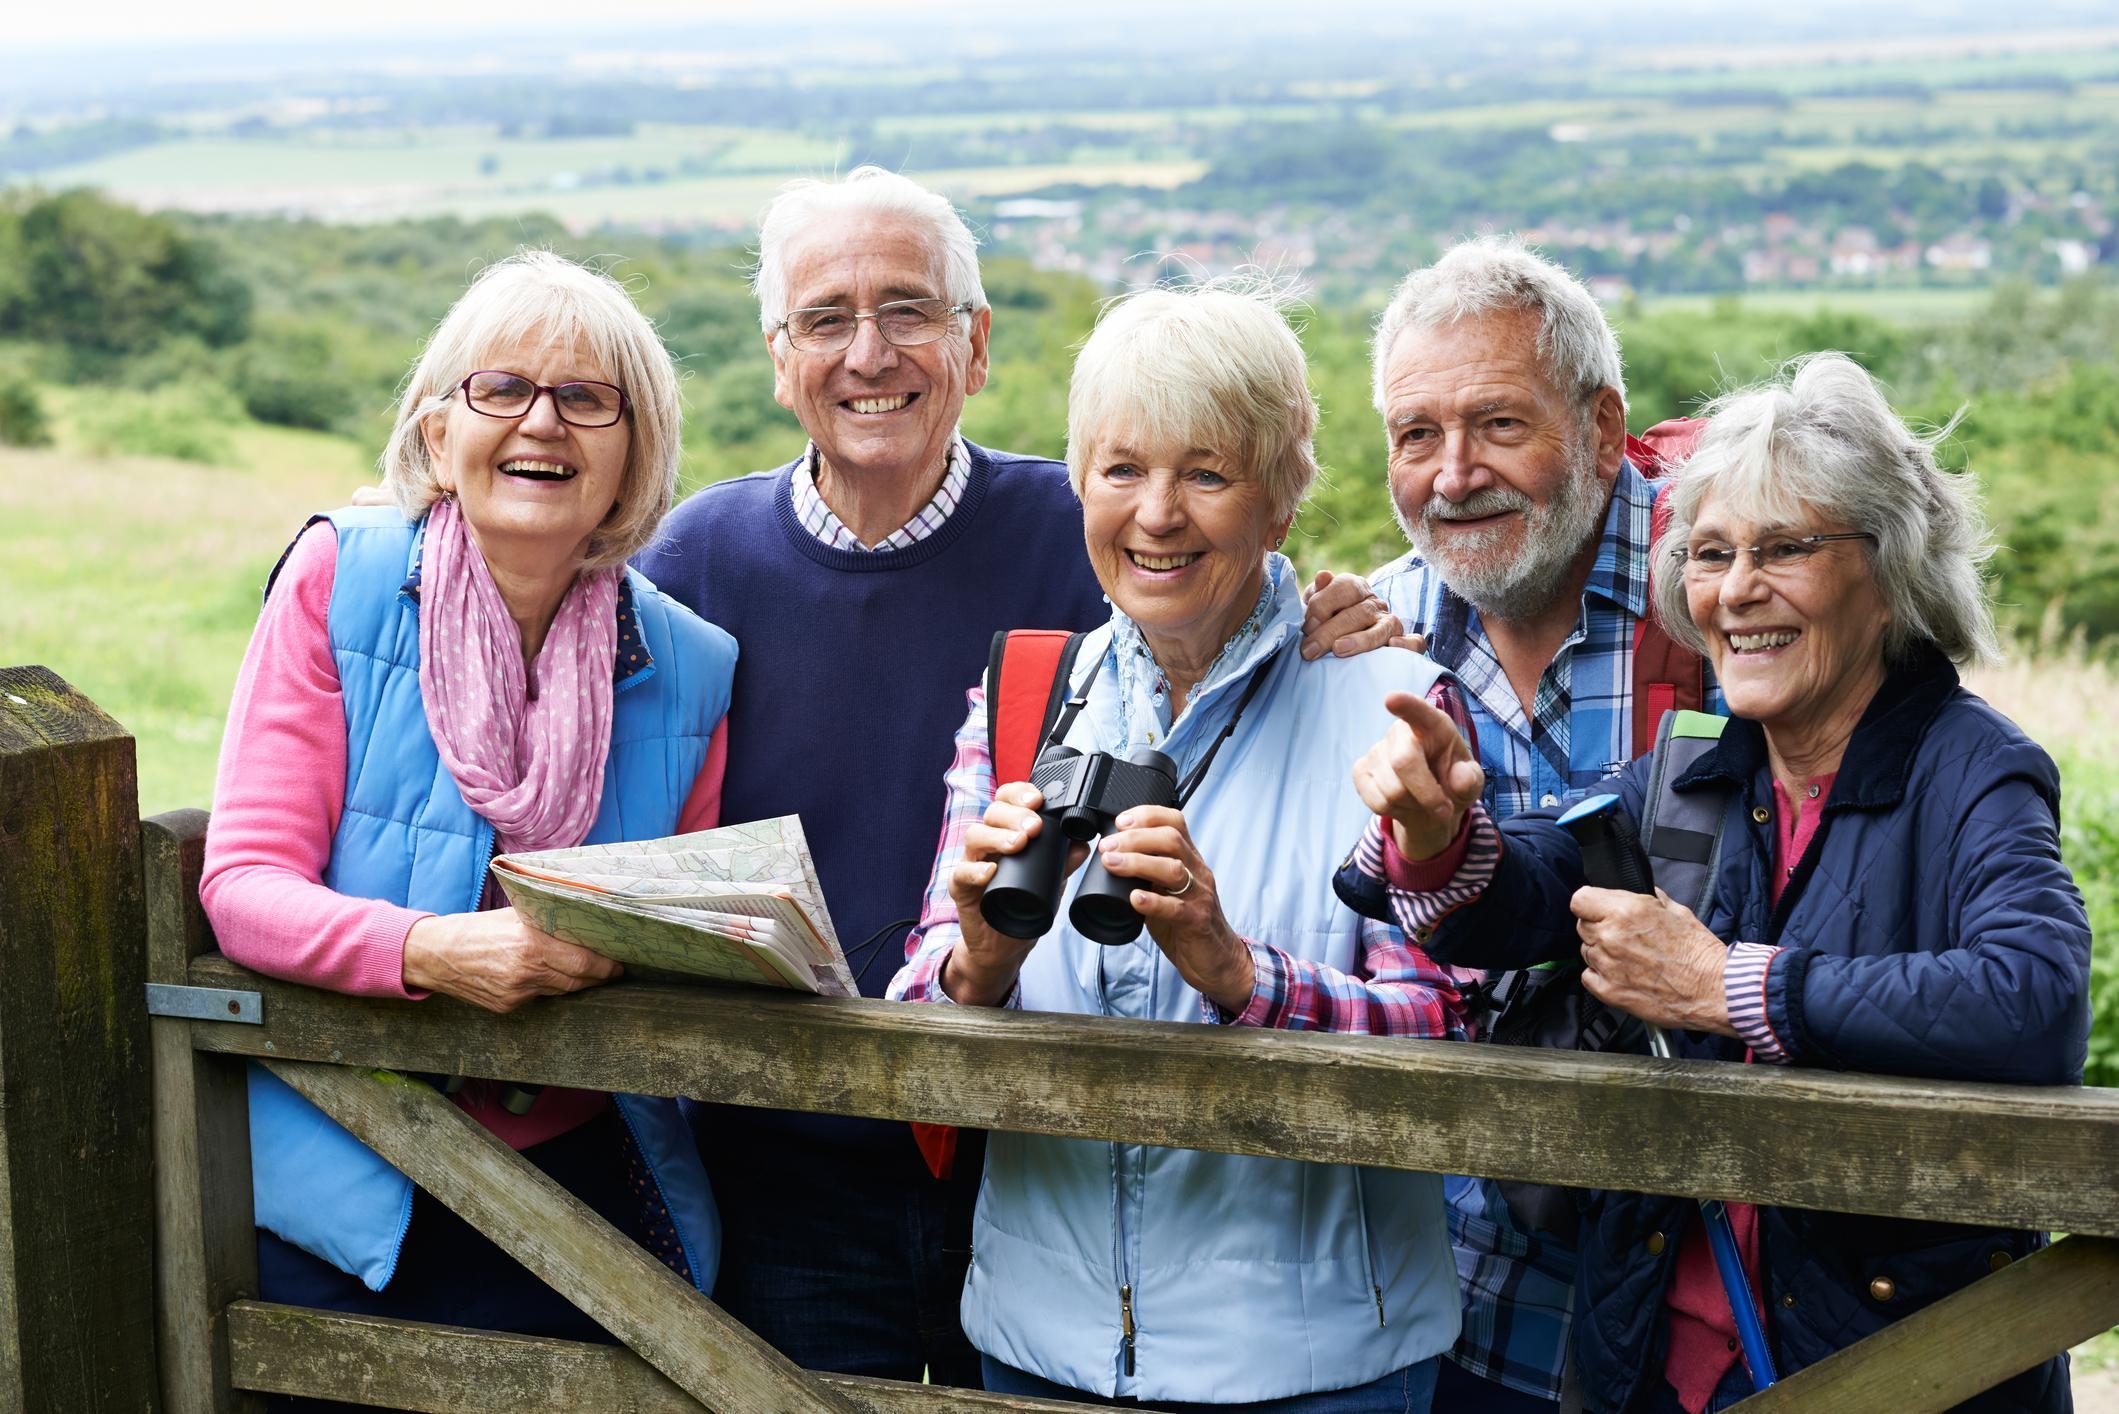 Хорошие отношения с людьми помогли задержать старение мозга